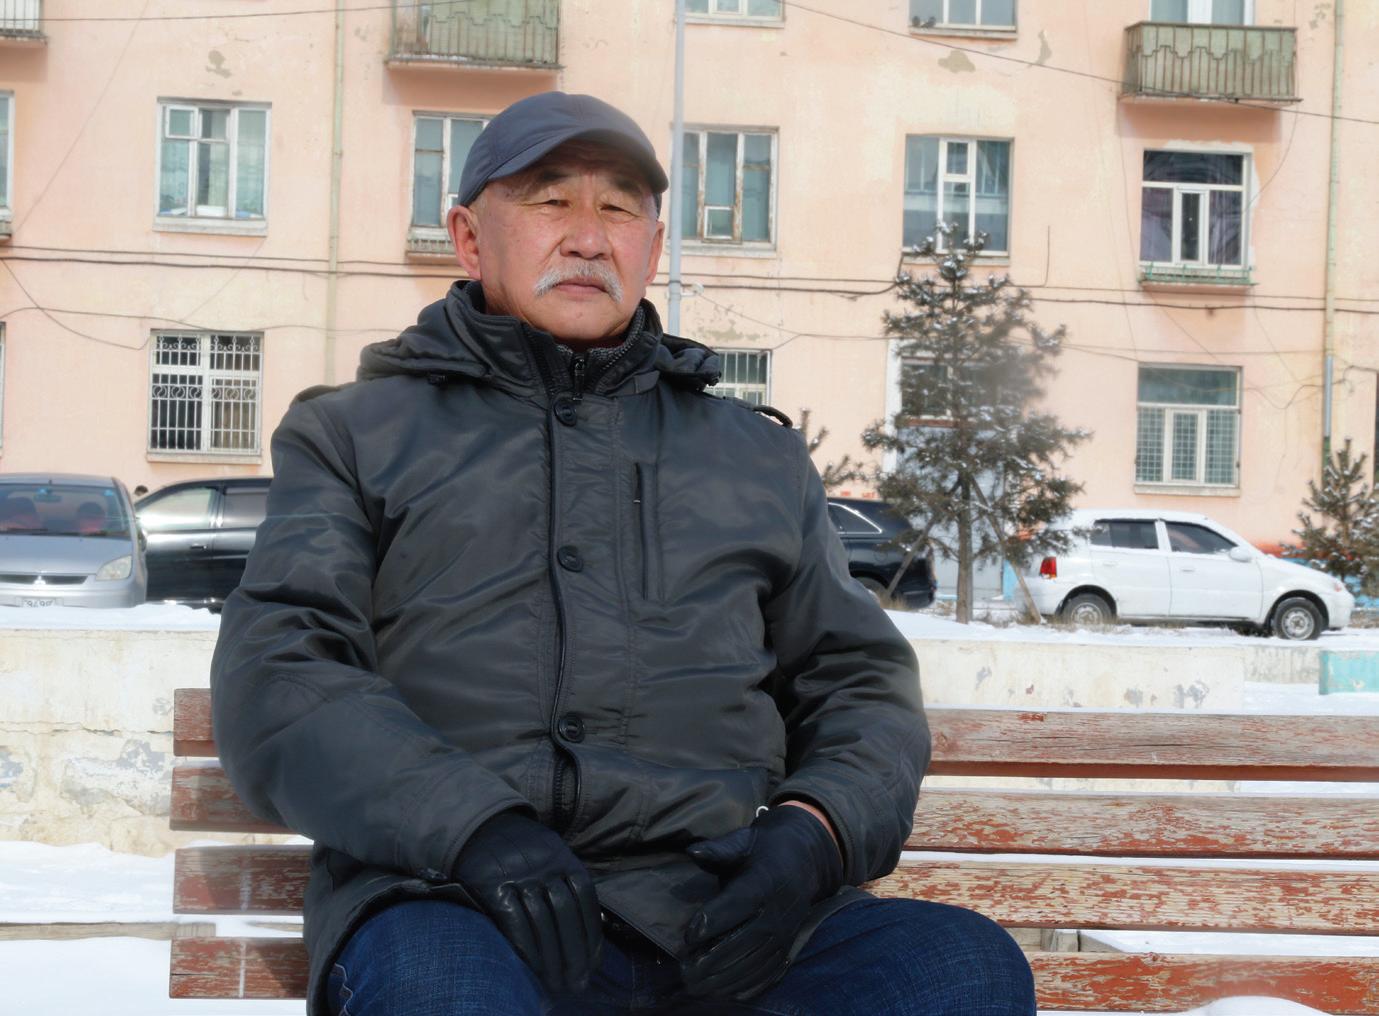 Улаанбаатарын хүмүүс: Цомхон цагаан сар